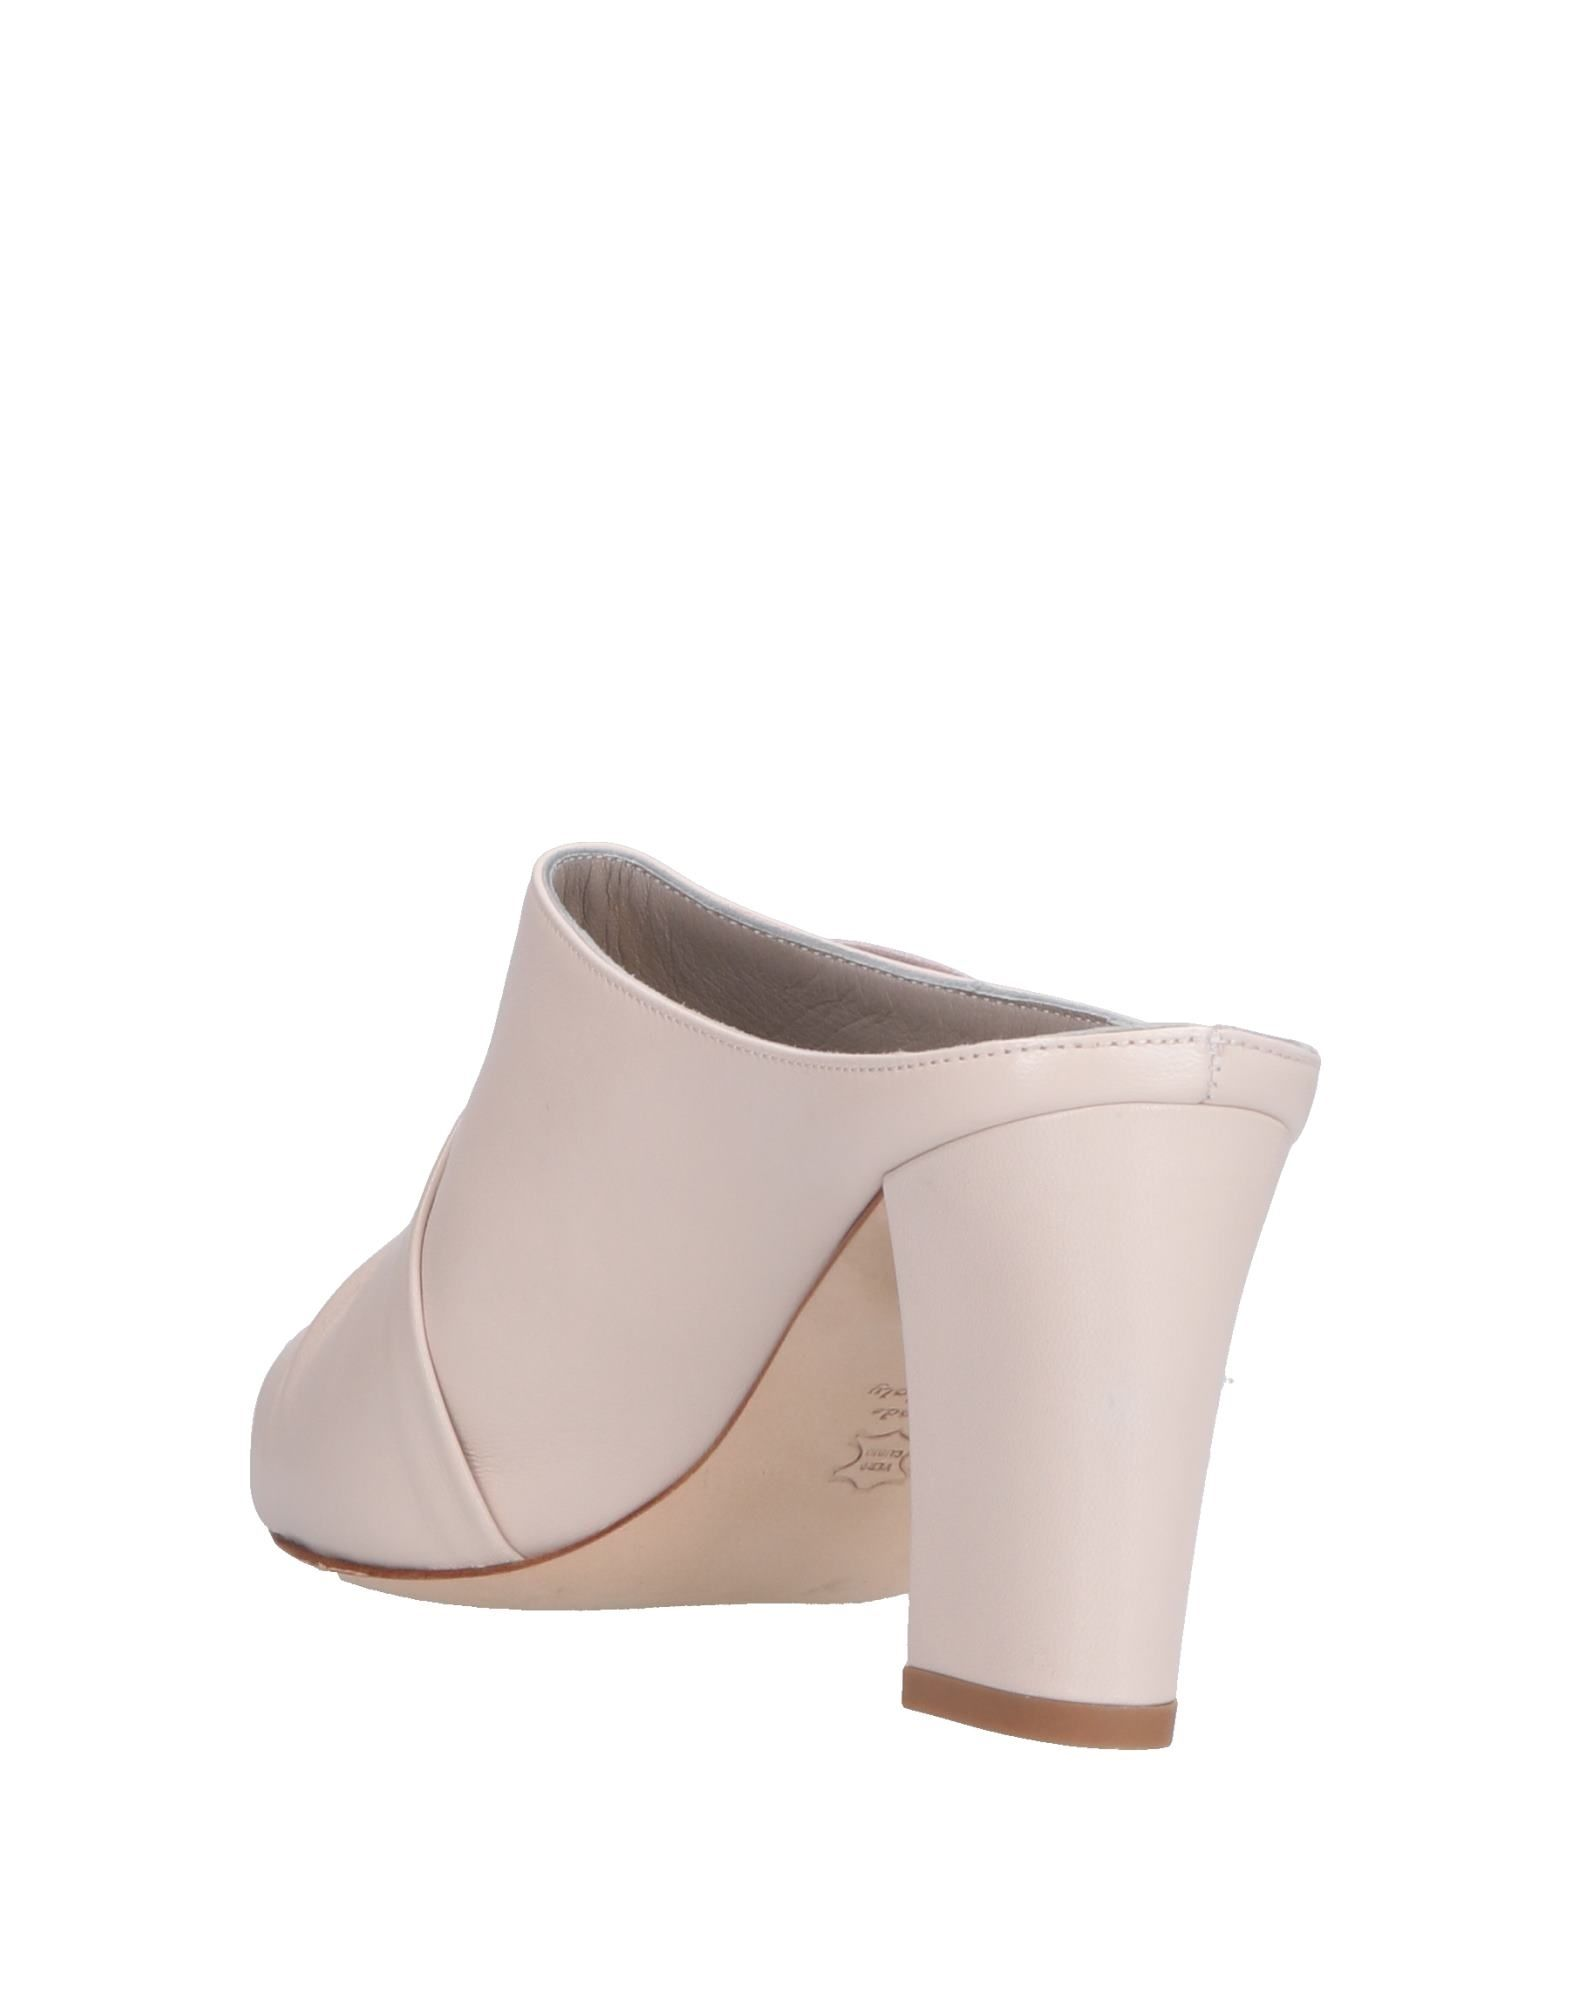 Calpierre Open-Toe Mules - Women Women Women Calpierre Open-Toe Mules online on  United Kingdom - 11579913PE 0b93f4